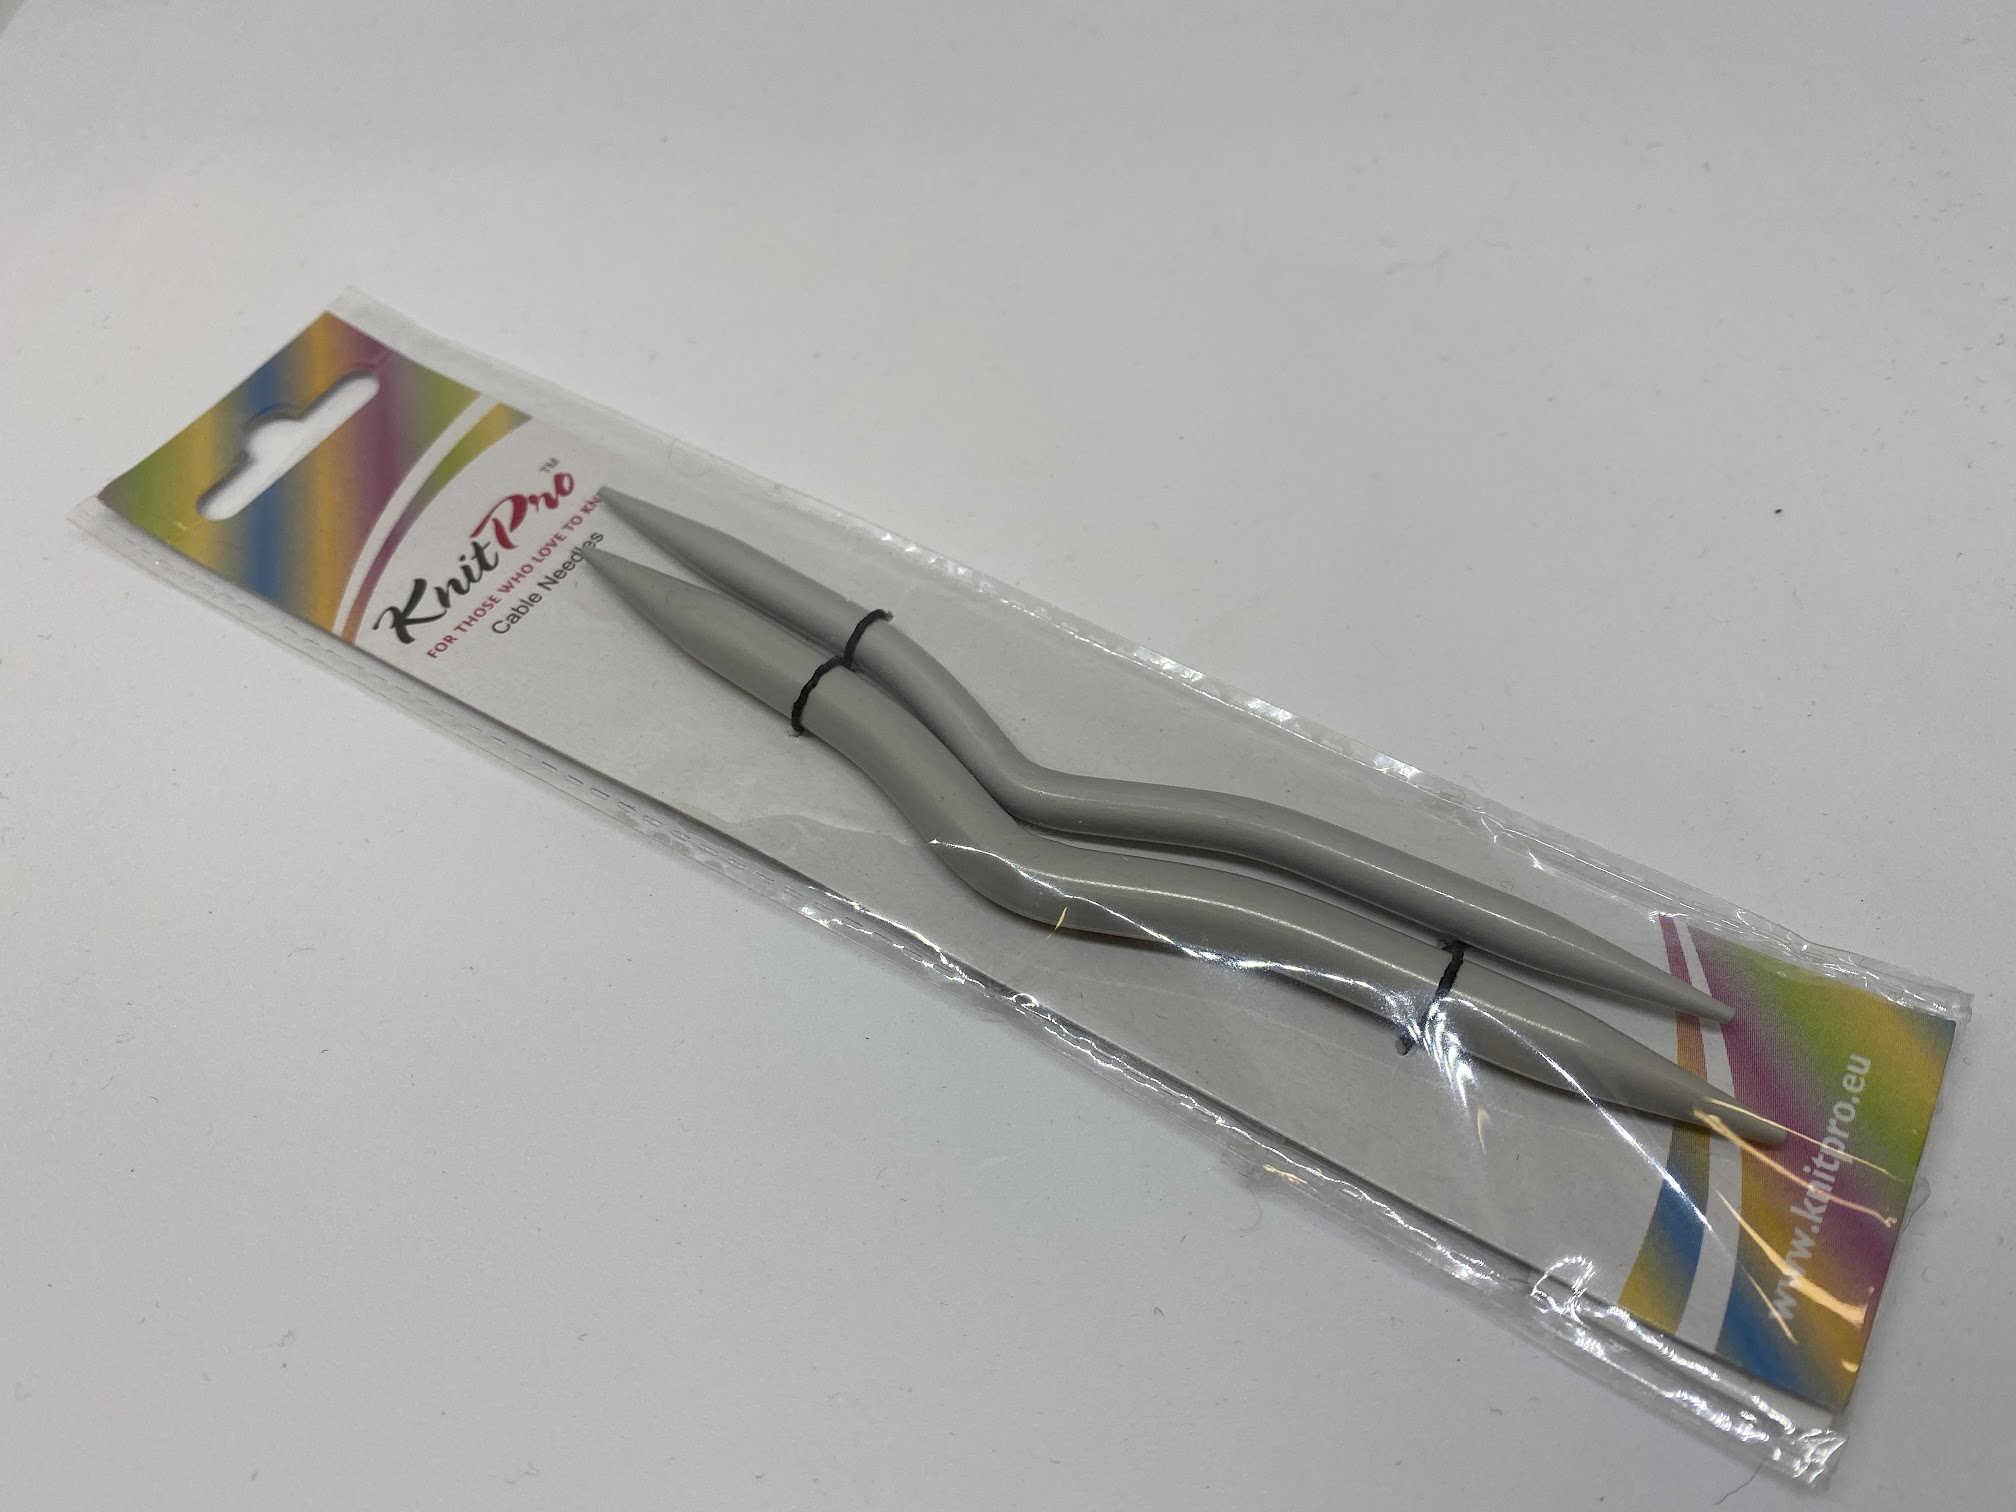 Knit Pro Aluminium Cable Needles